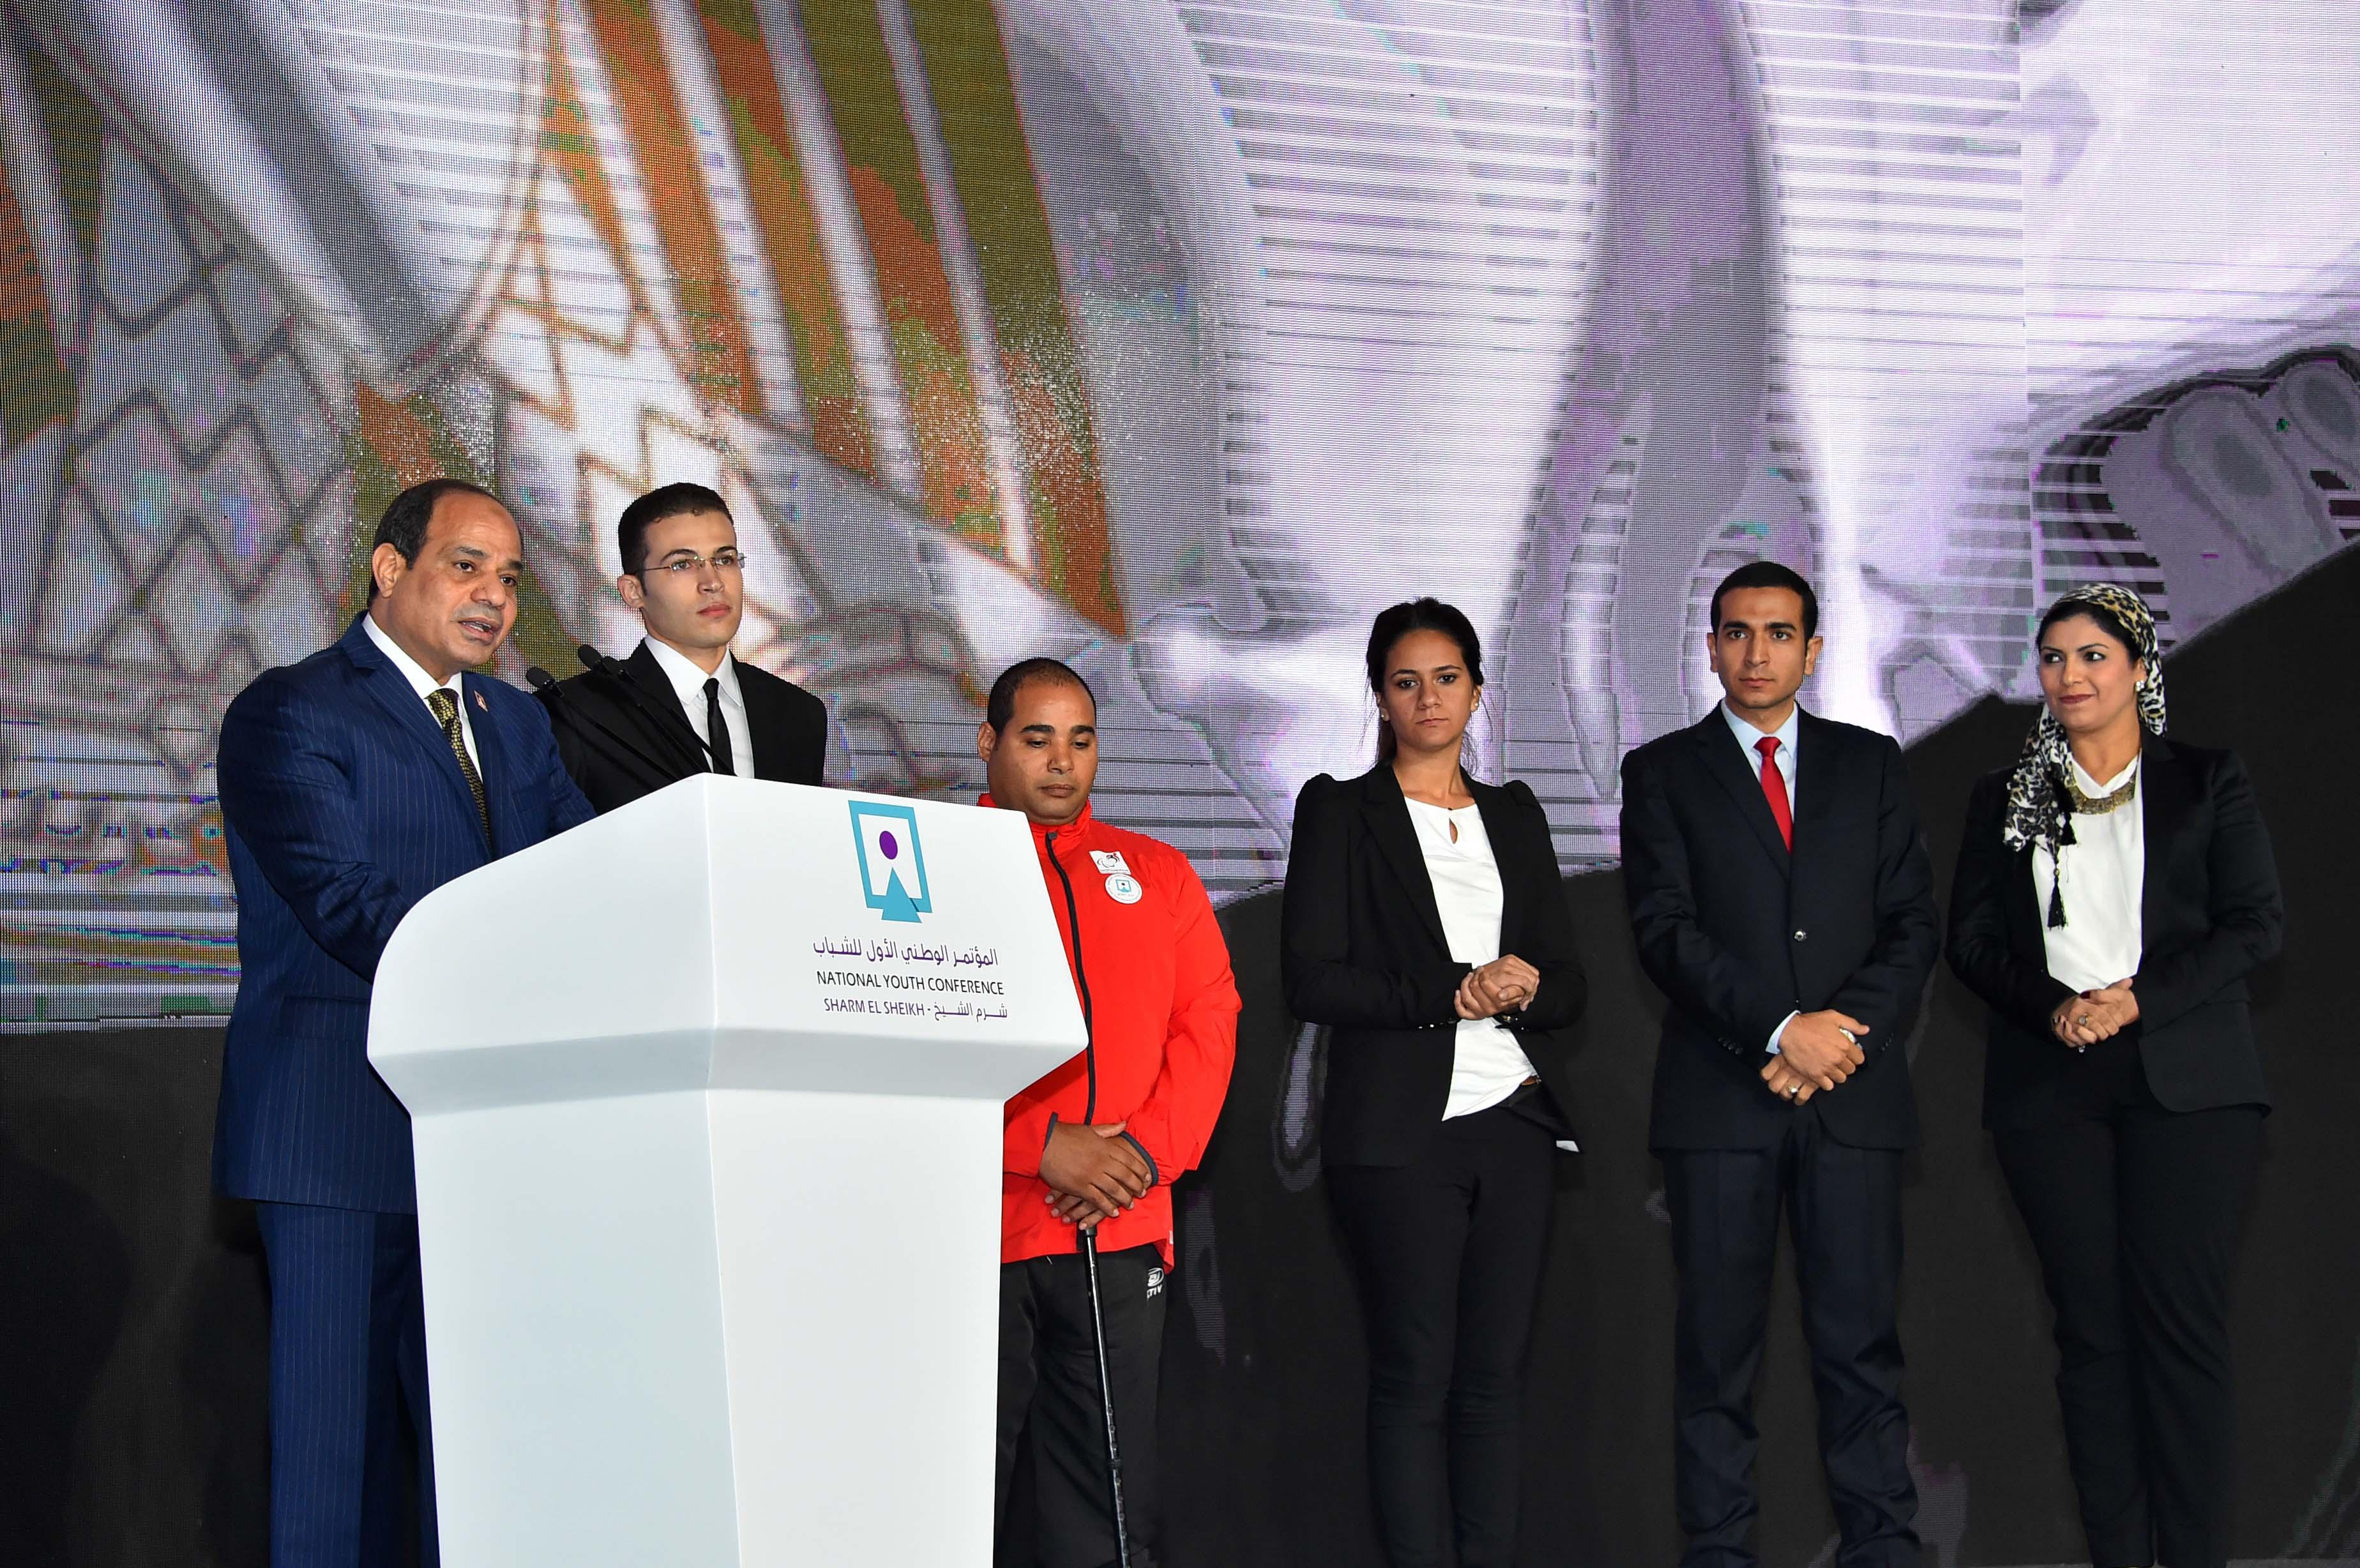 افتتاح مؤتمر الشباب (4)